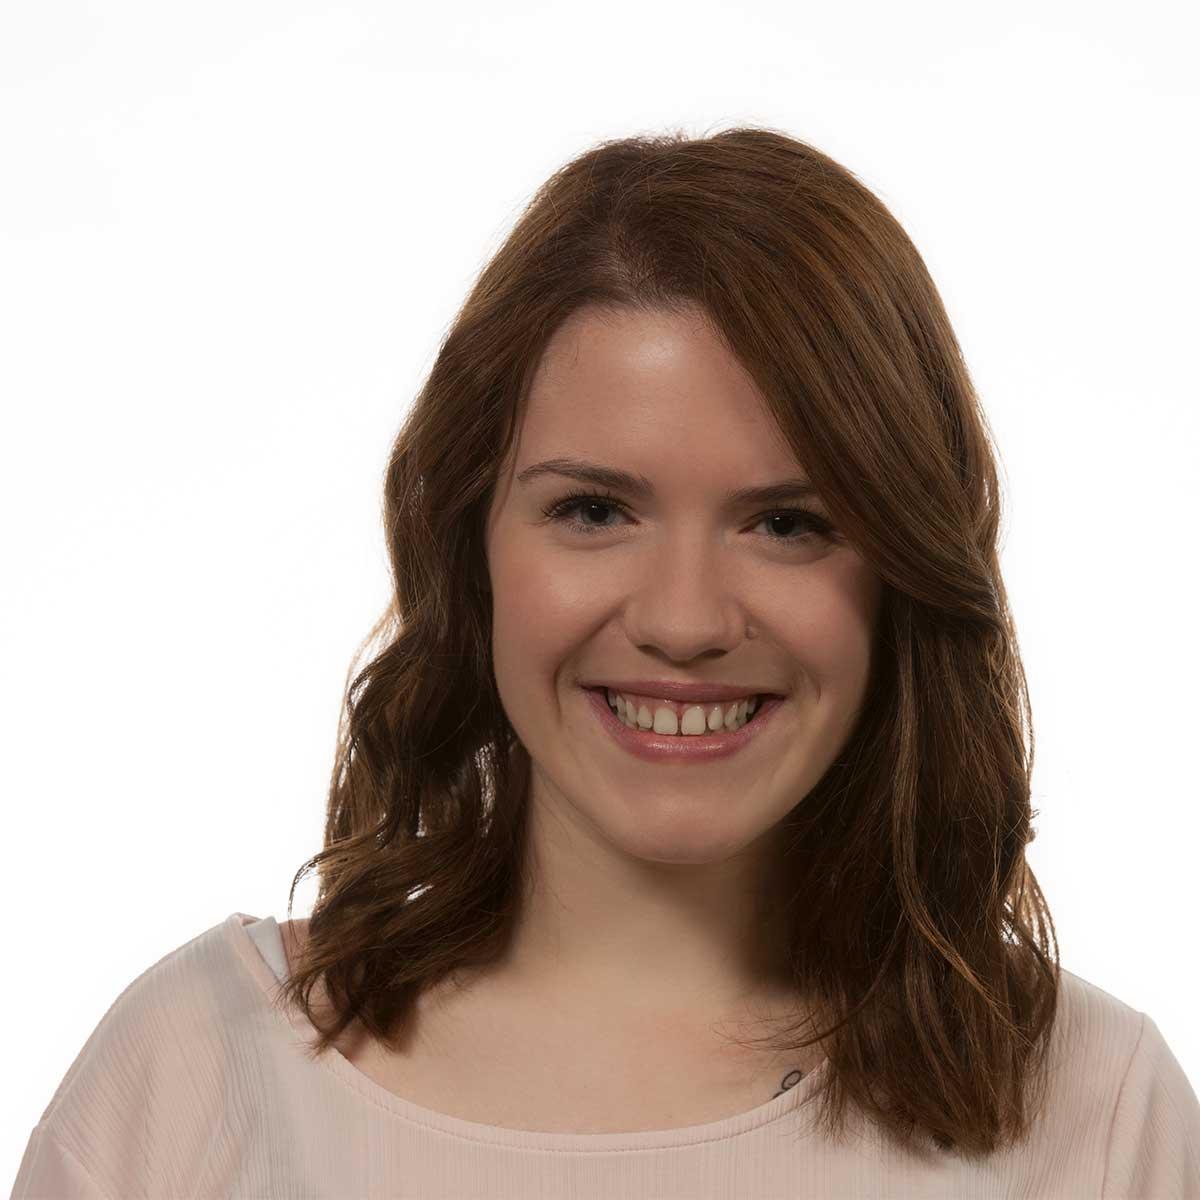 McKenna Schaller